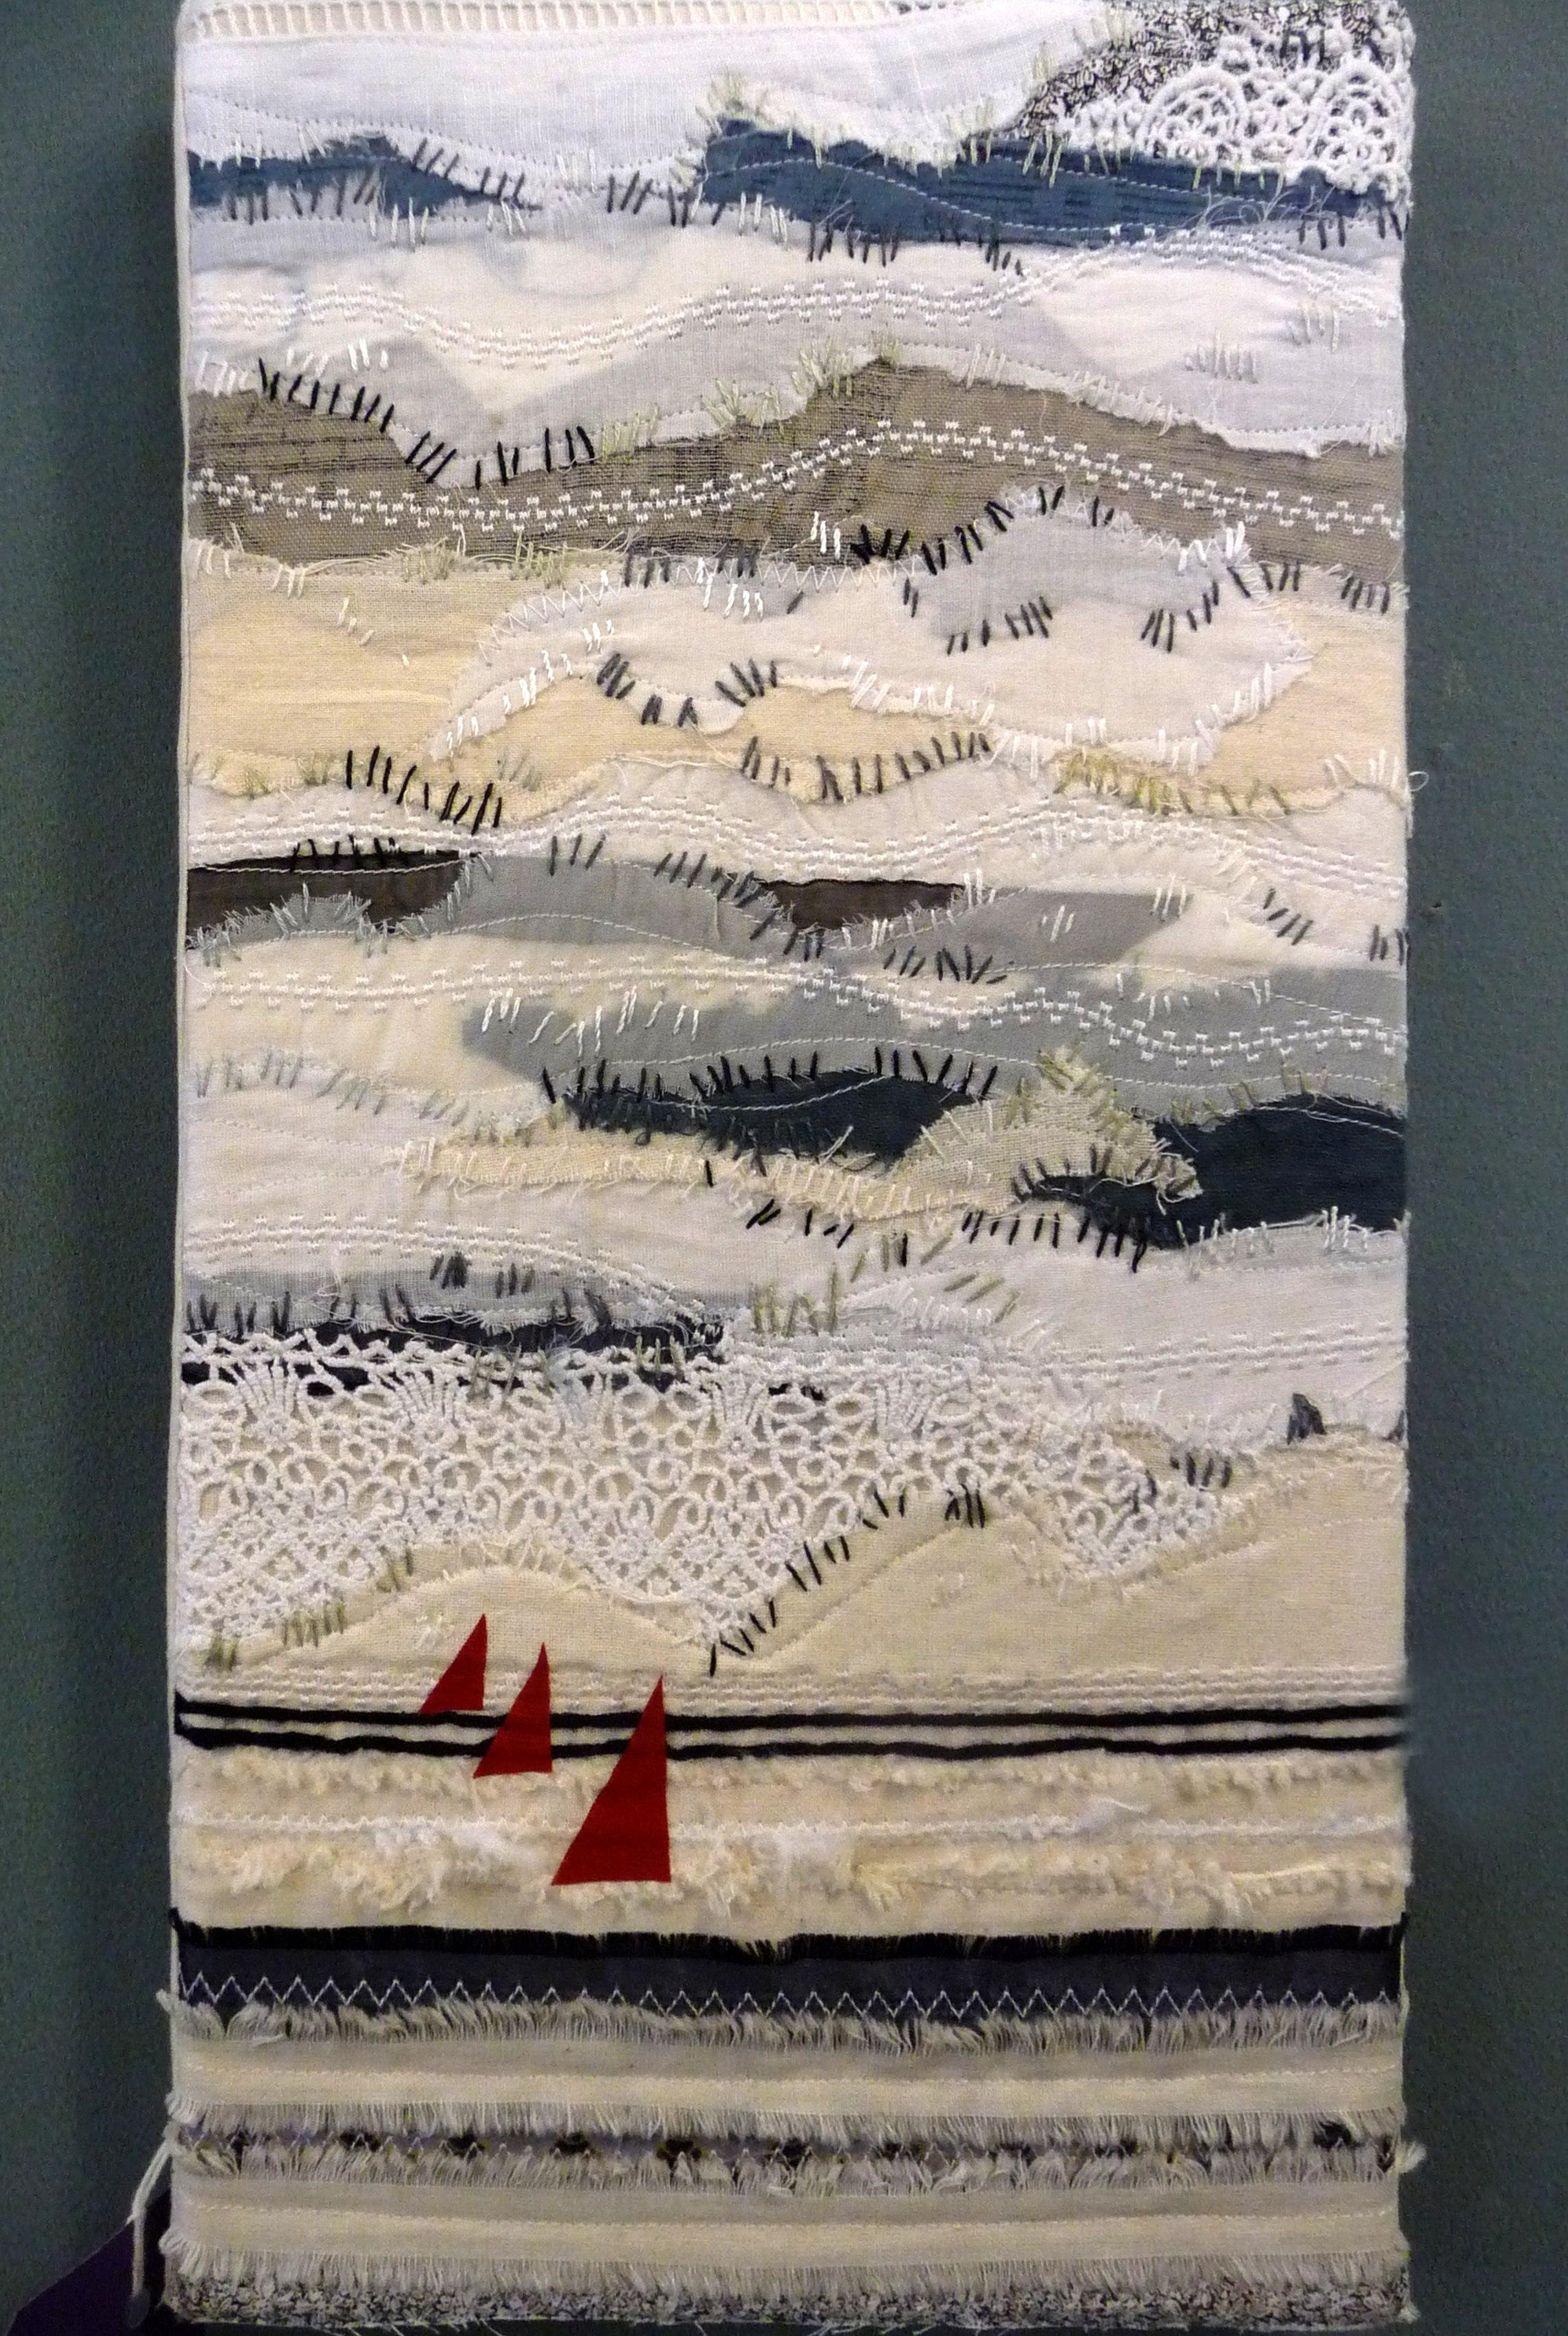 LINES IN THE SKY by Sue Boardman